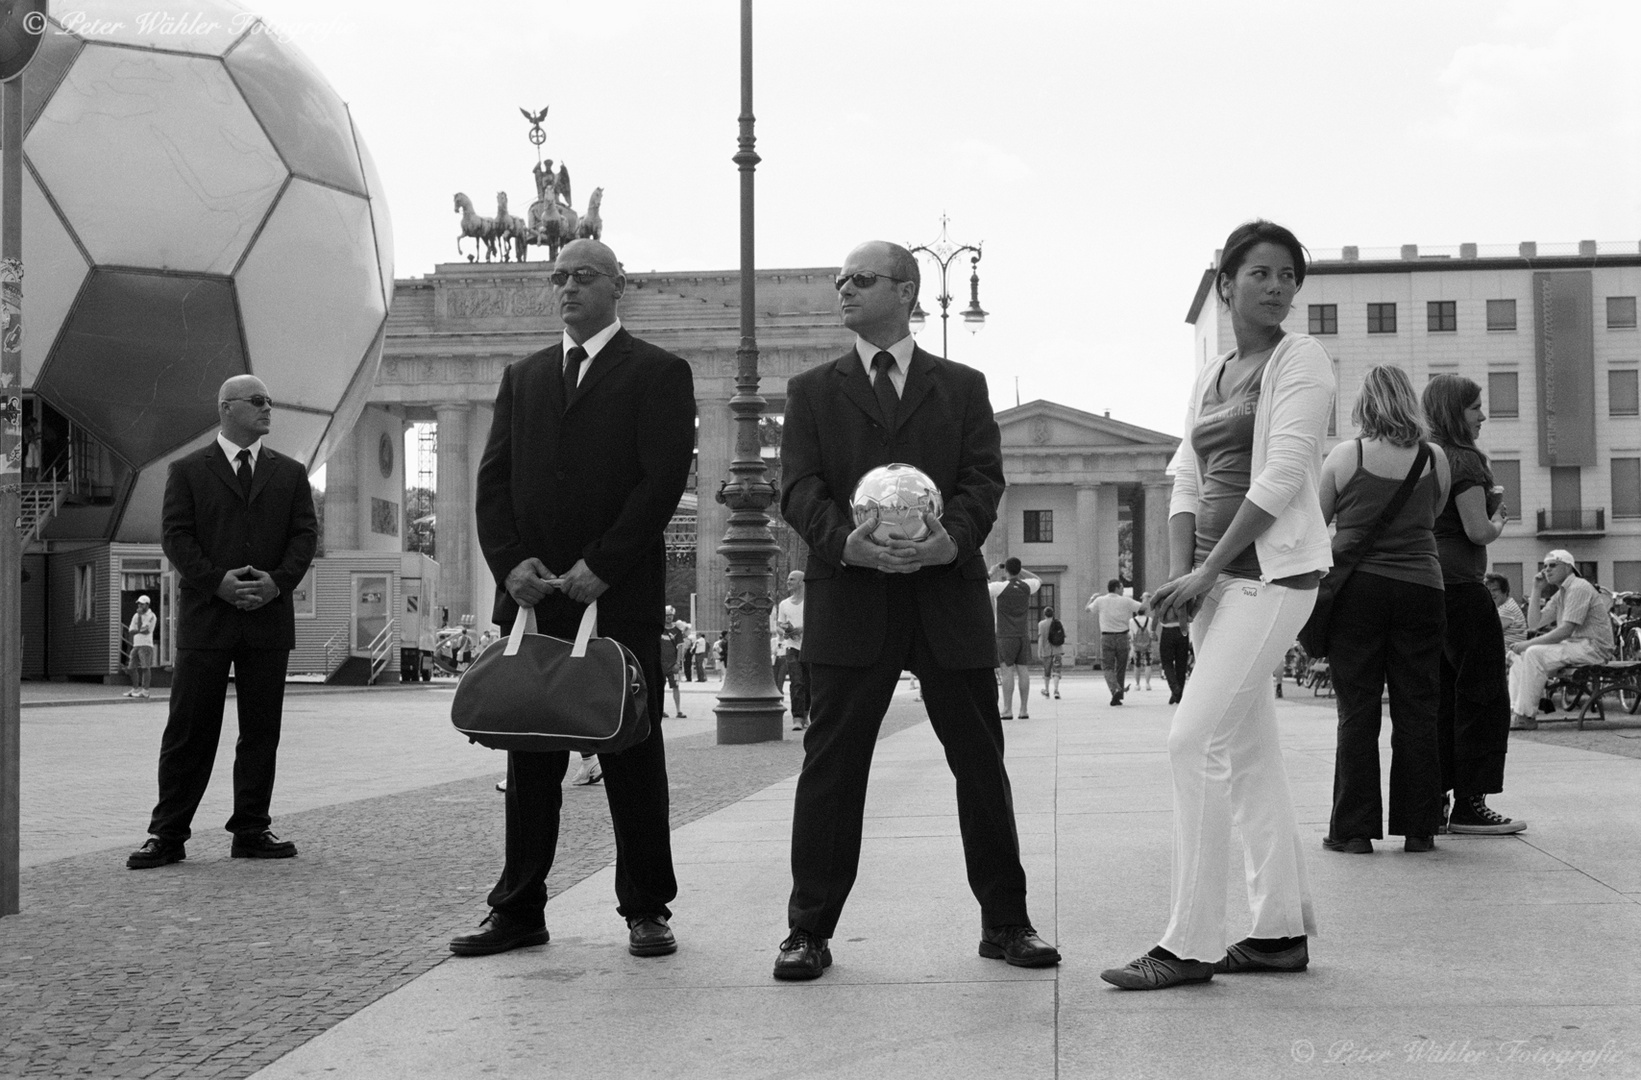 Berlin Pariser Platz / Fussball WM 2006